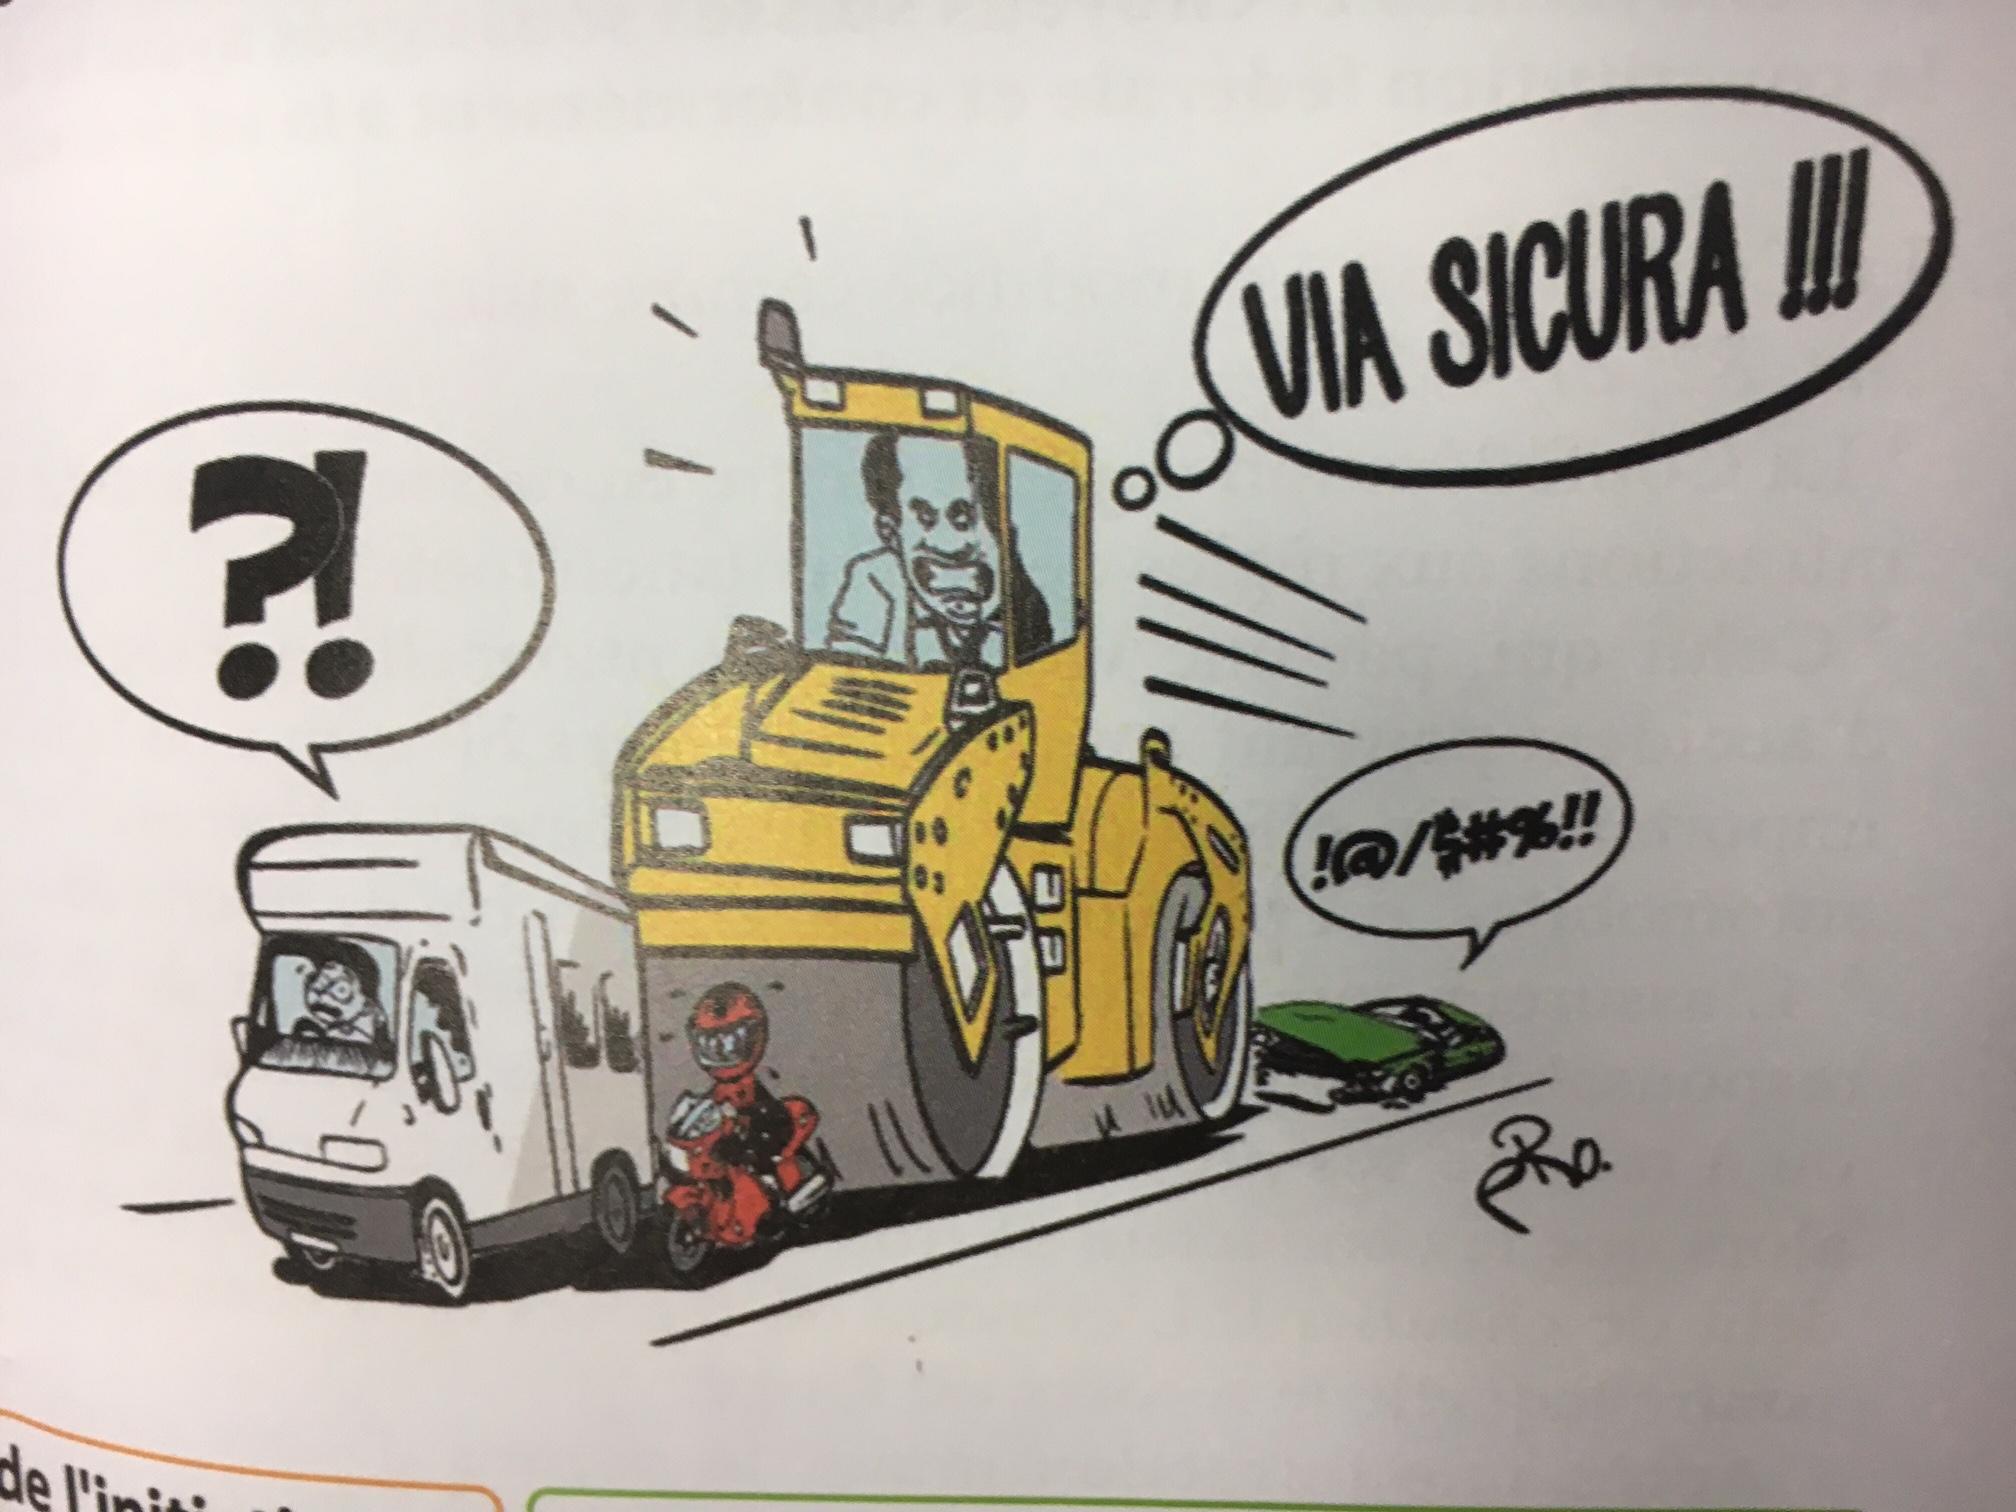 Via Sicura ist zu übertrieben !